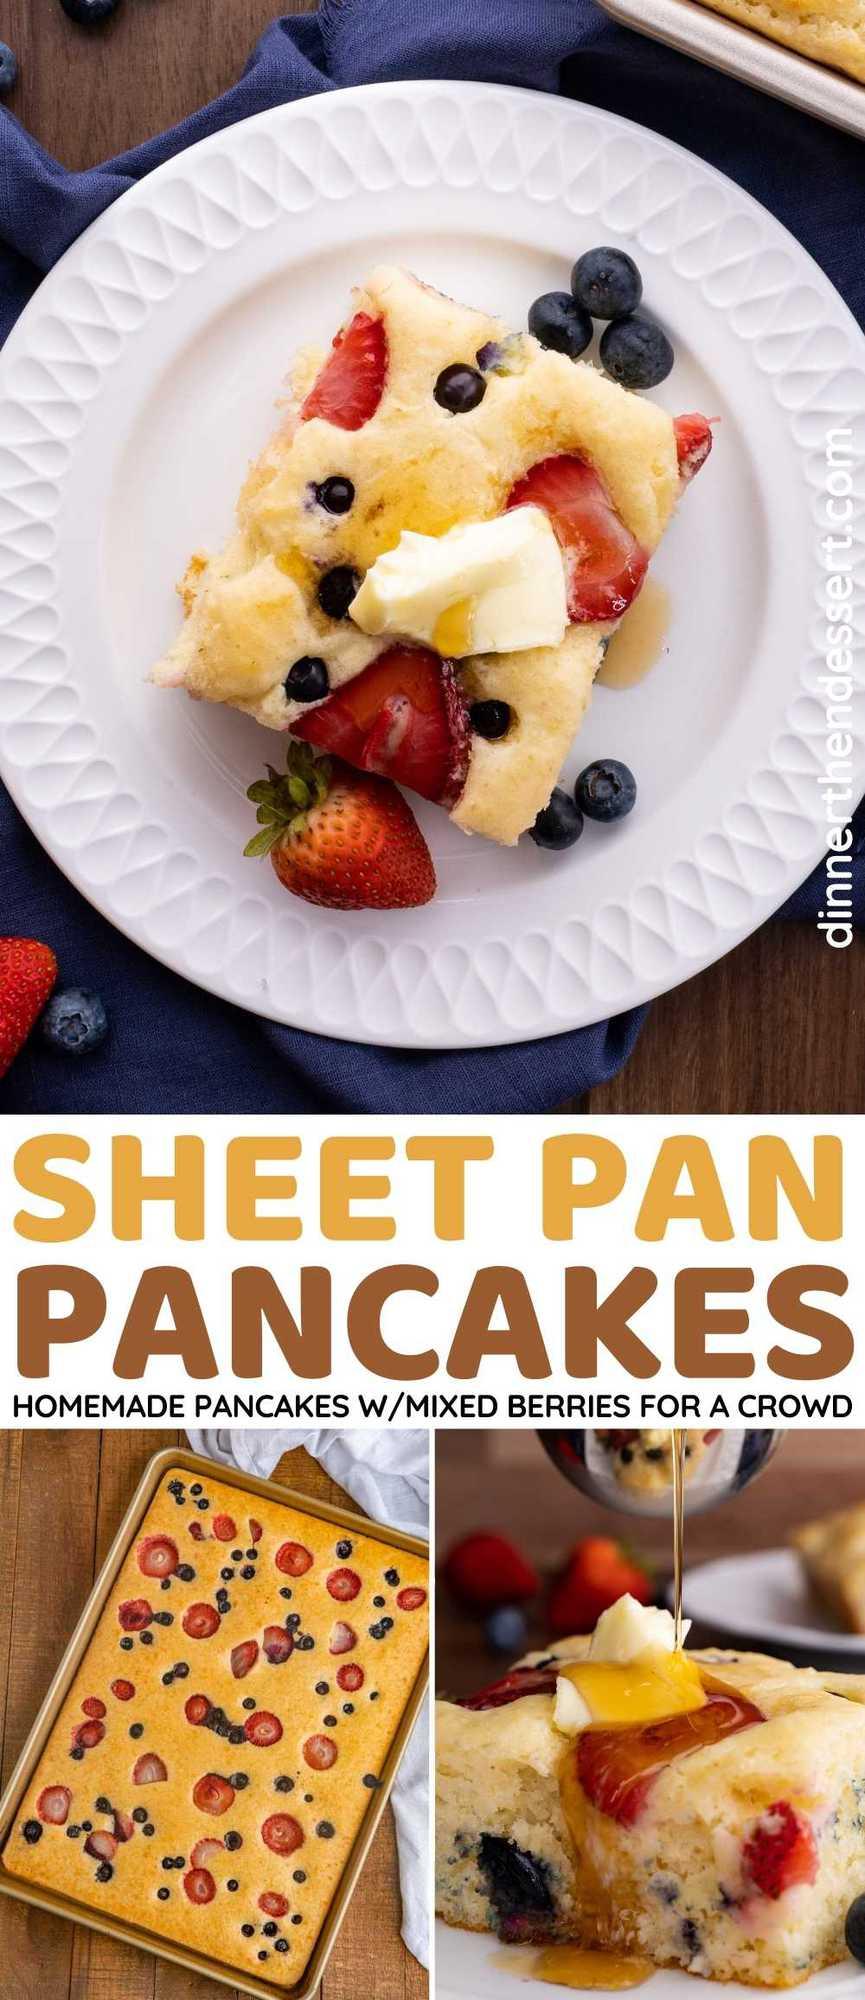 Sheet Pan Pancakes Collage